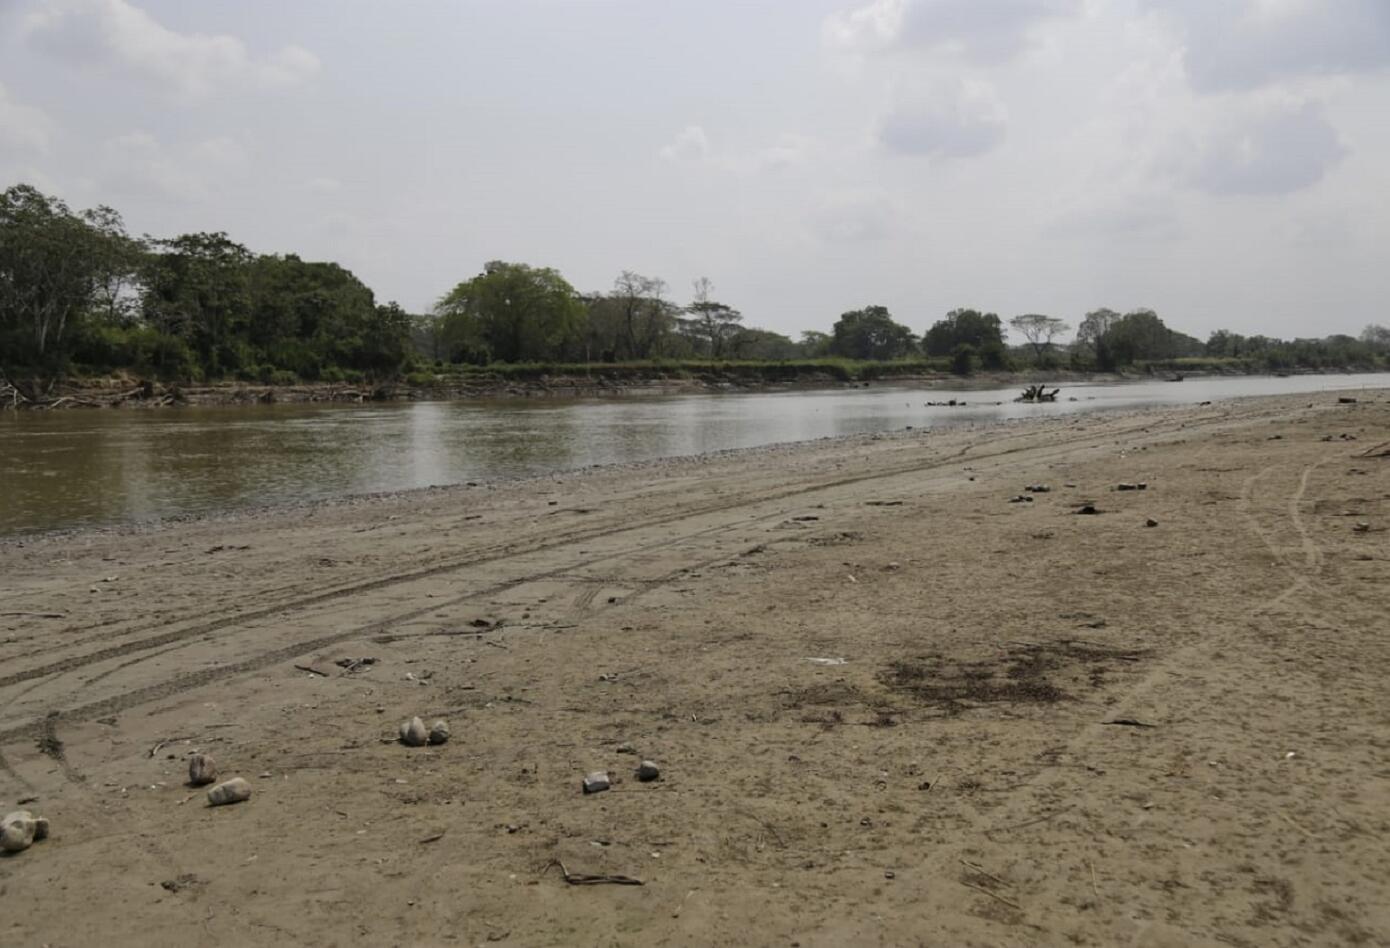 Cauce del río Cauca tras el cierre de la segunda compuerta de Hidroituango